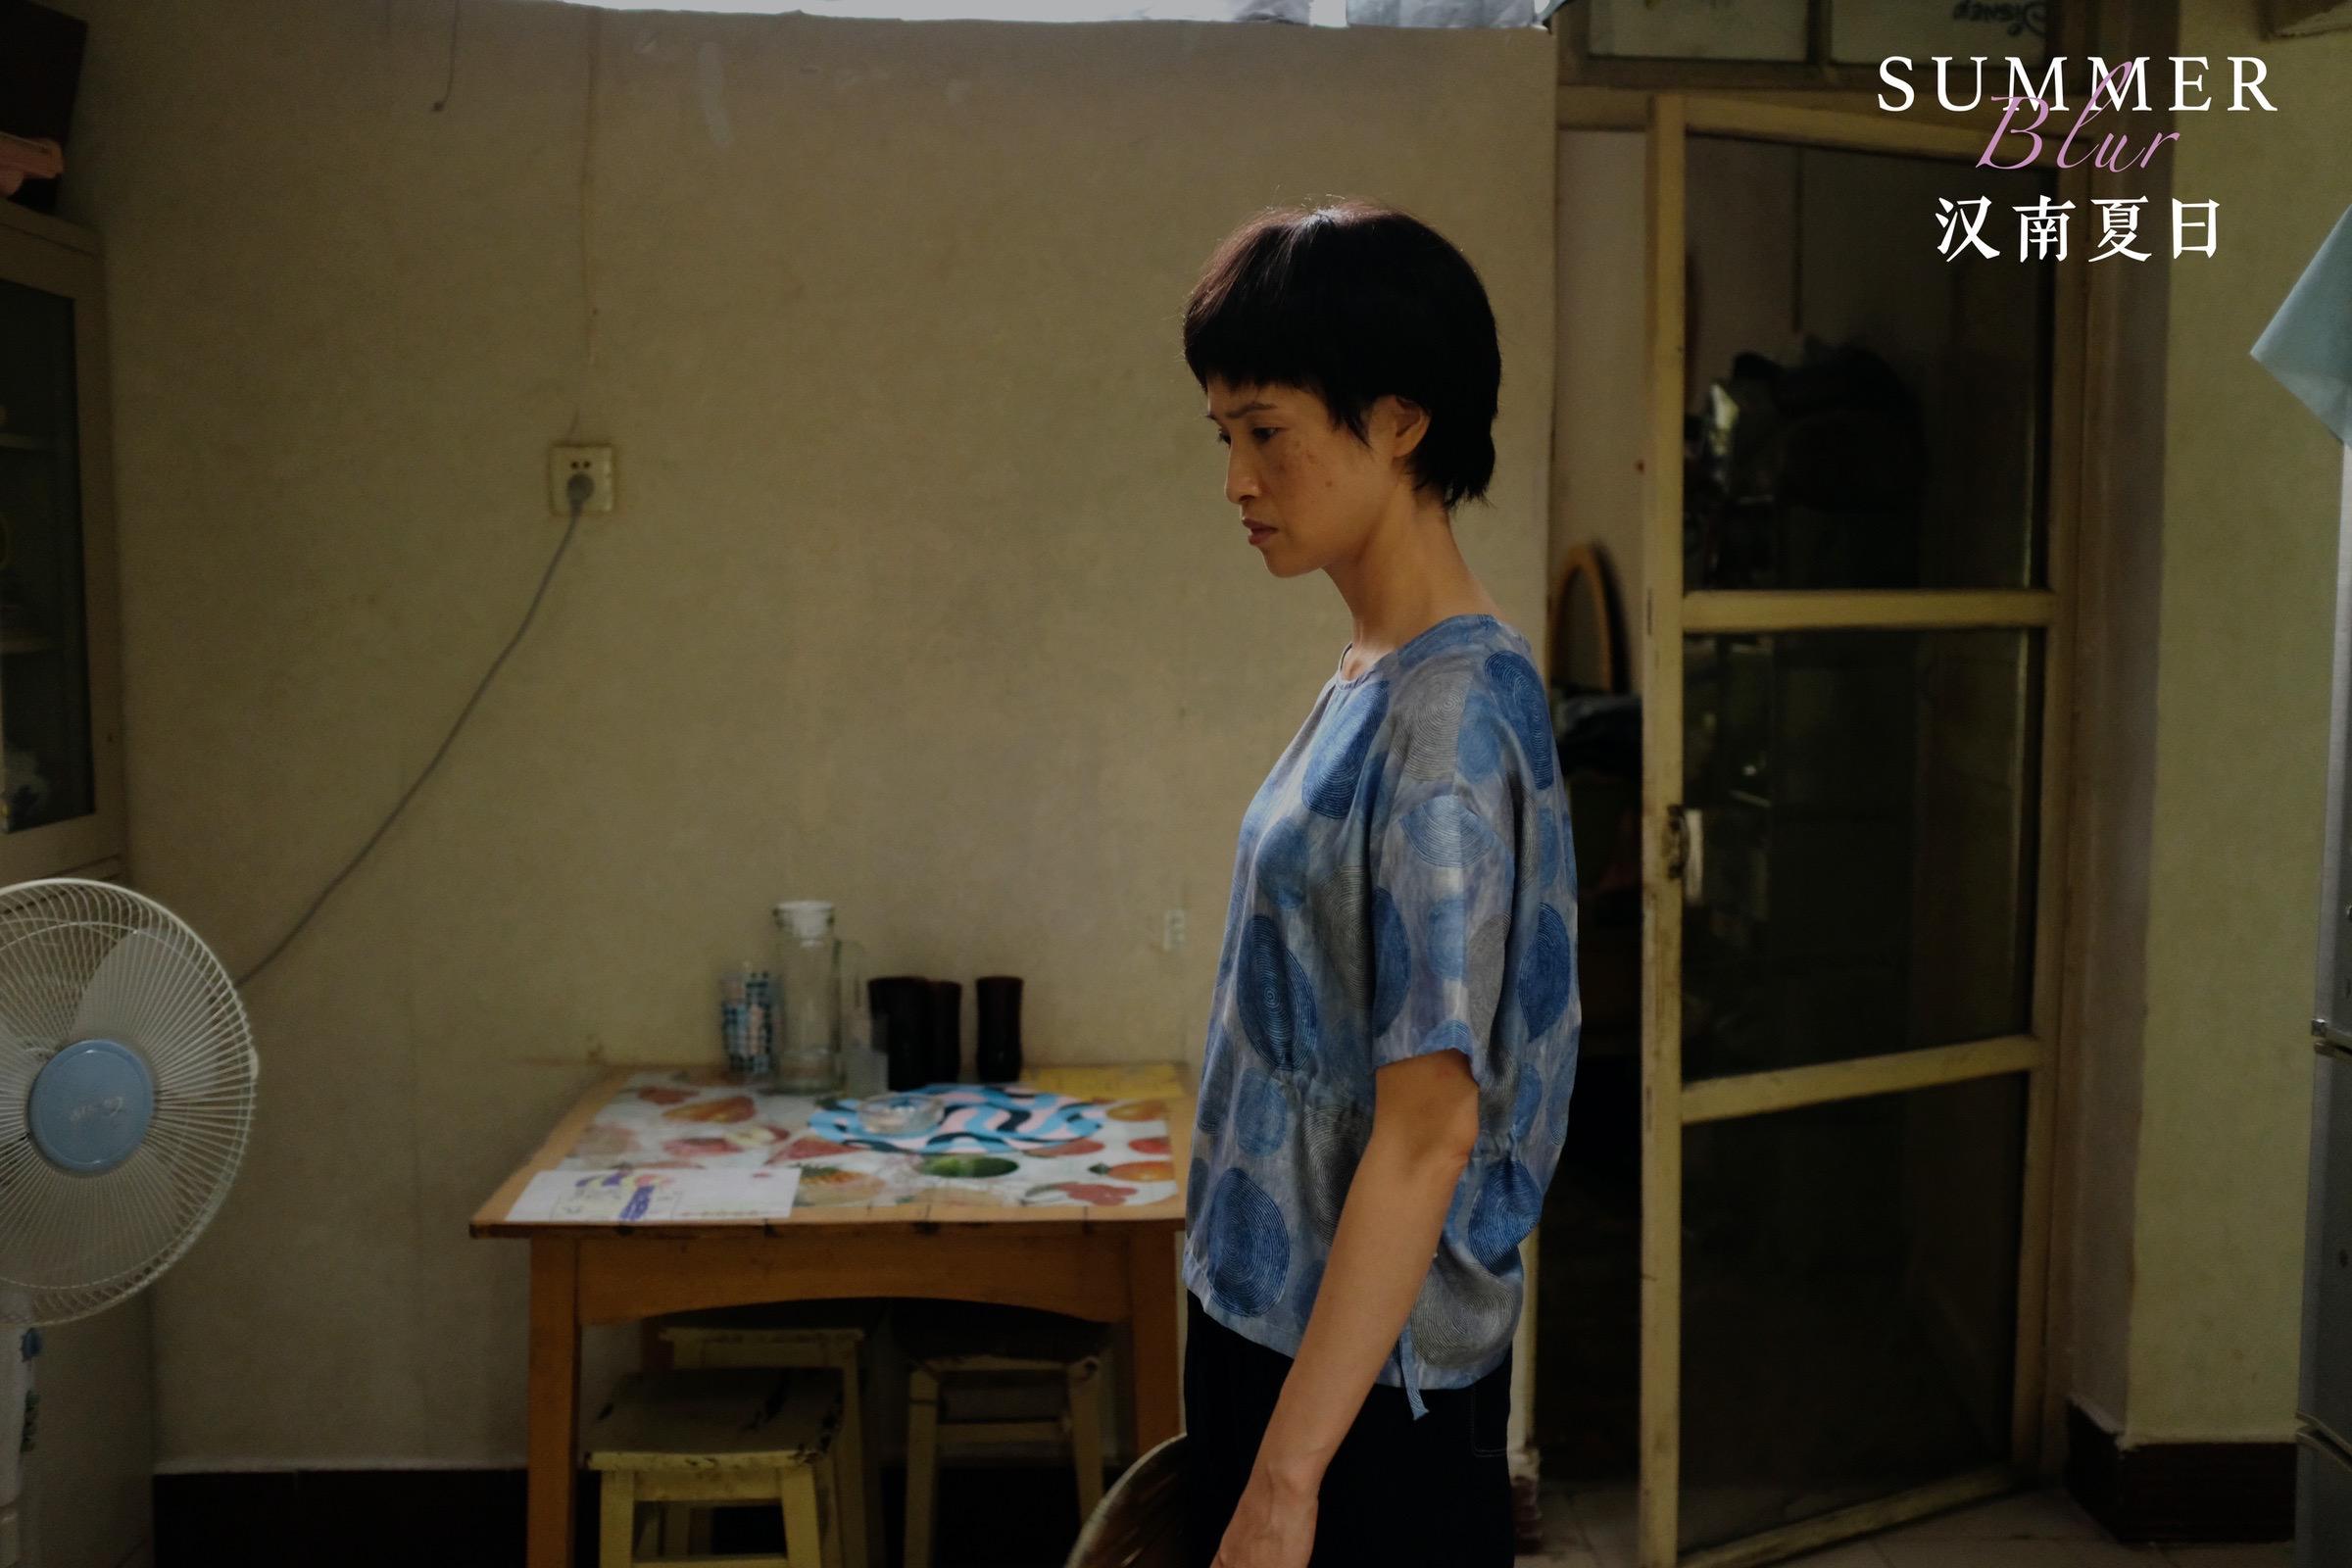 《汉南夏日》柏林电影节获奖 龚蓓苾发文谈圆梦三大电影节